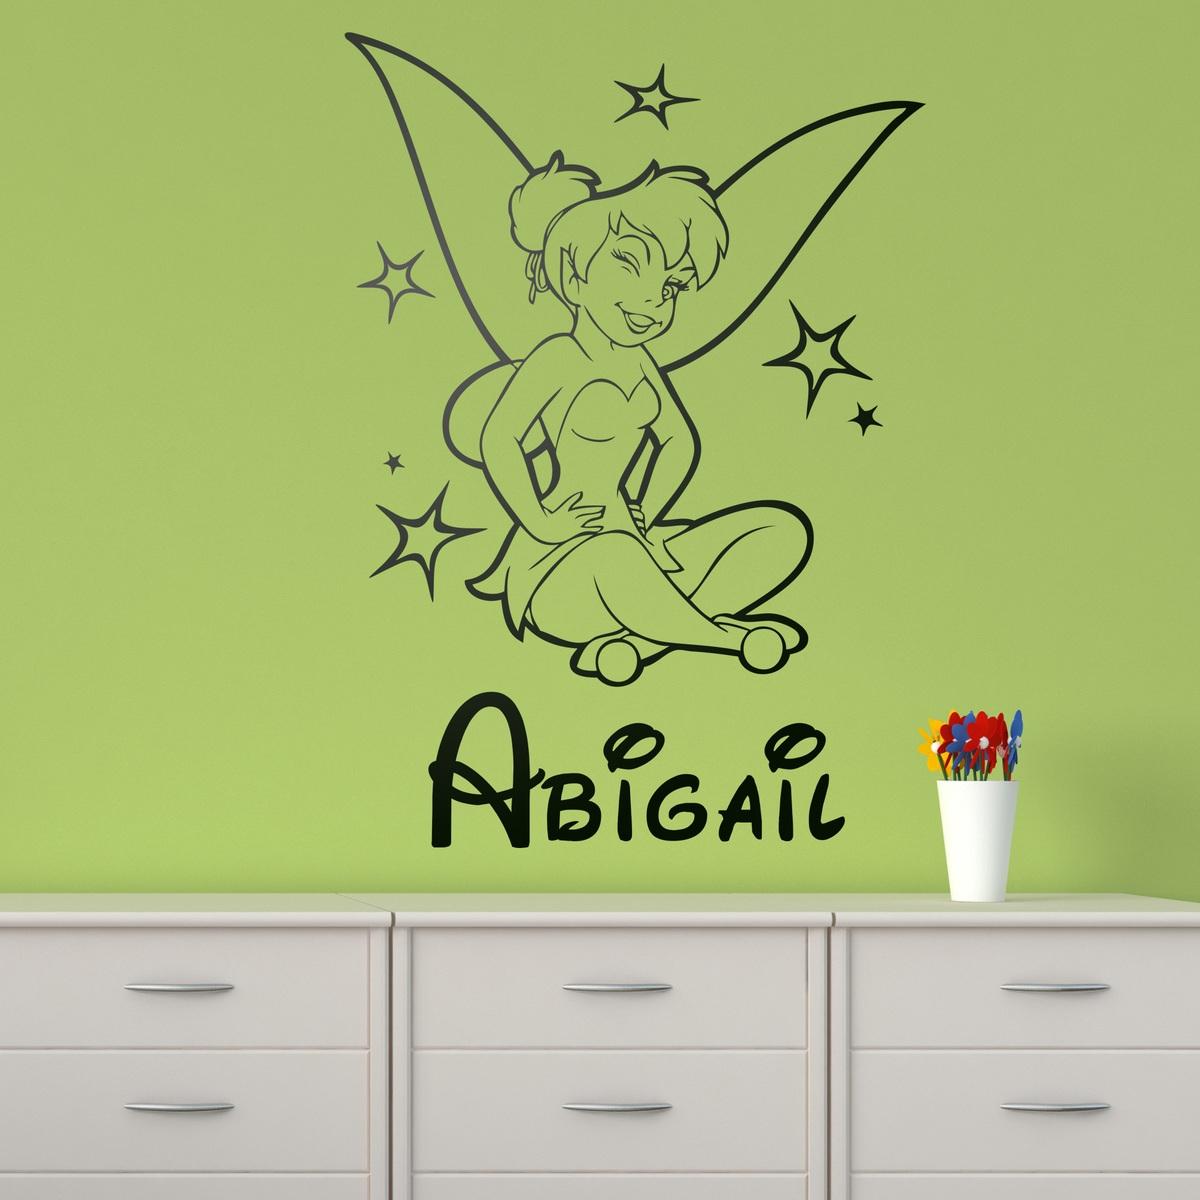 Adesivi Murali Per Bambini Disney.Adesivi Muro Bambini Simple Adesivi Murali Bambini Animali Fattoria